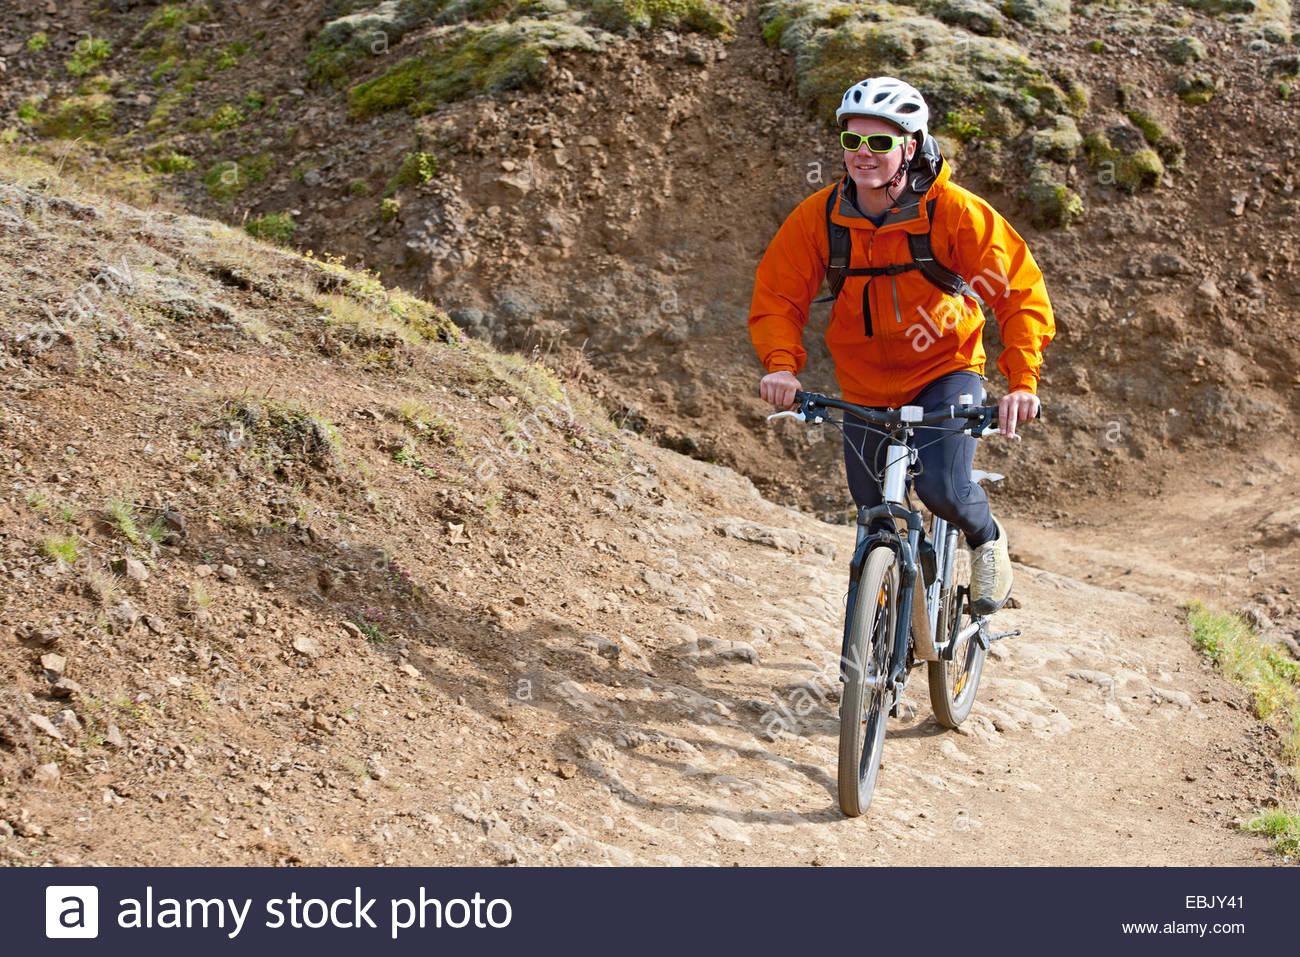 Jeune homme vélo de montagne Vélo de dirt track, vallée de Reykjadalur, au sud-ouest de l'Islande Photo Stock